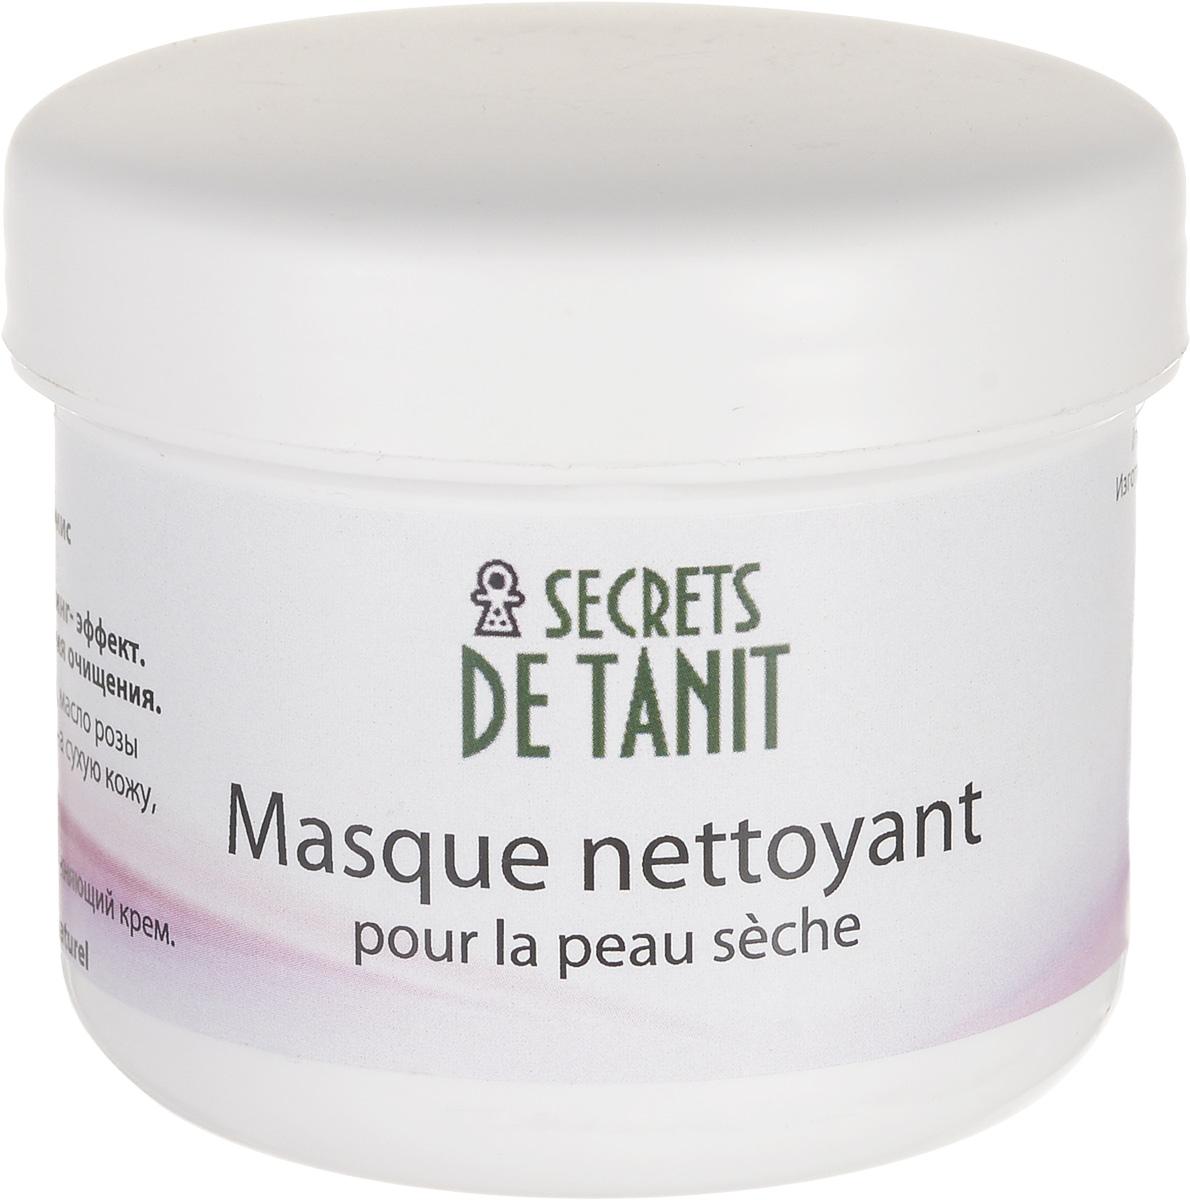 Secrets de Tanit Глиняная маска для сухой кожи лица, 200 г laneige mini pore маска глиняная увлажняющая для сужения пор mini pore маска глиняная увлажняющая для сужения пор